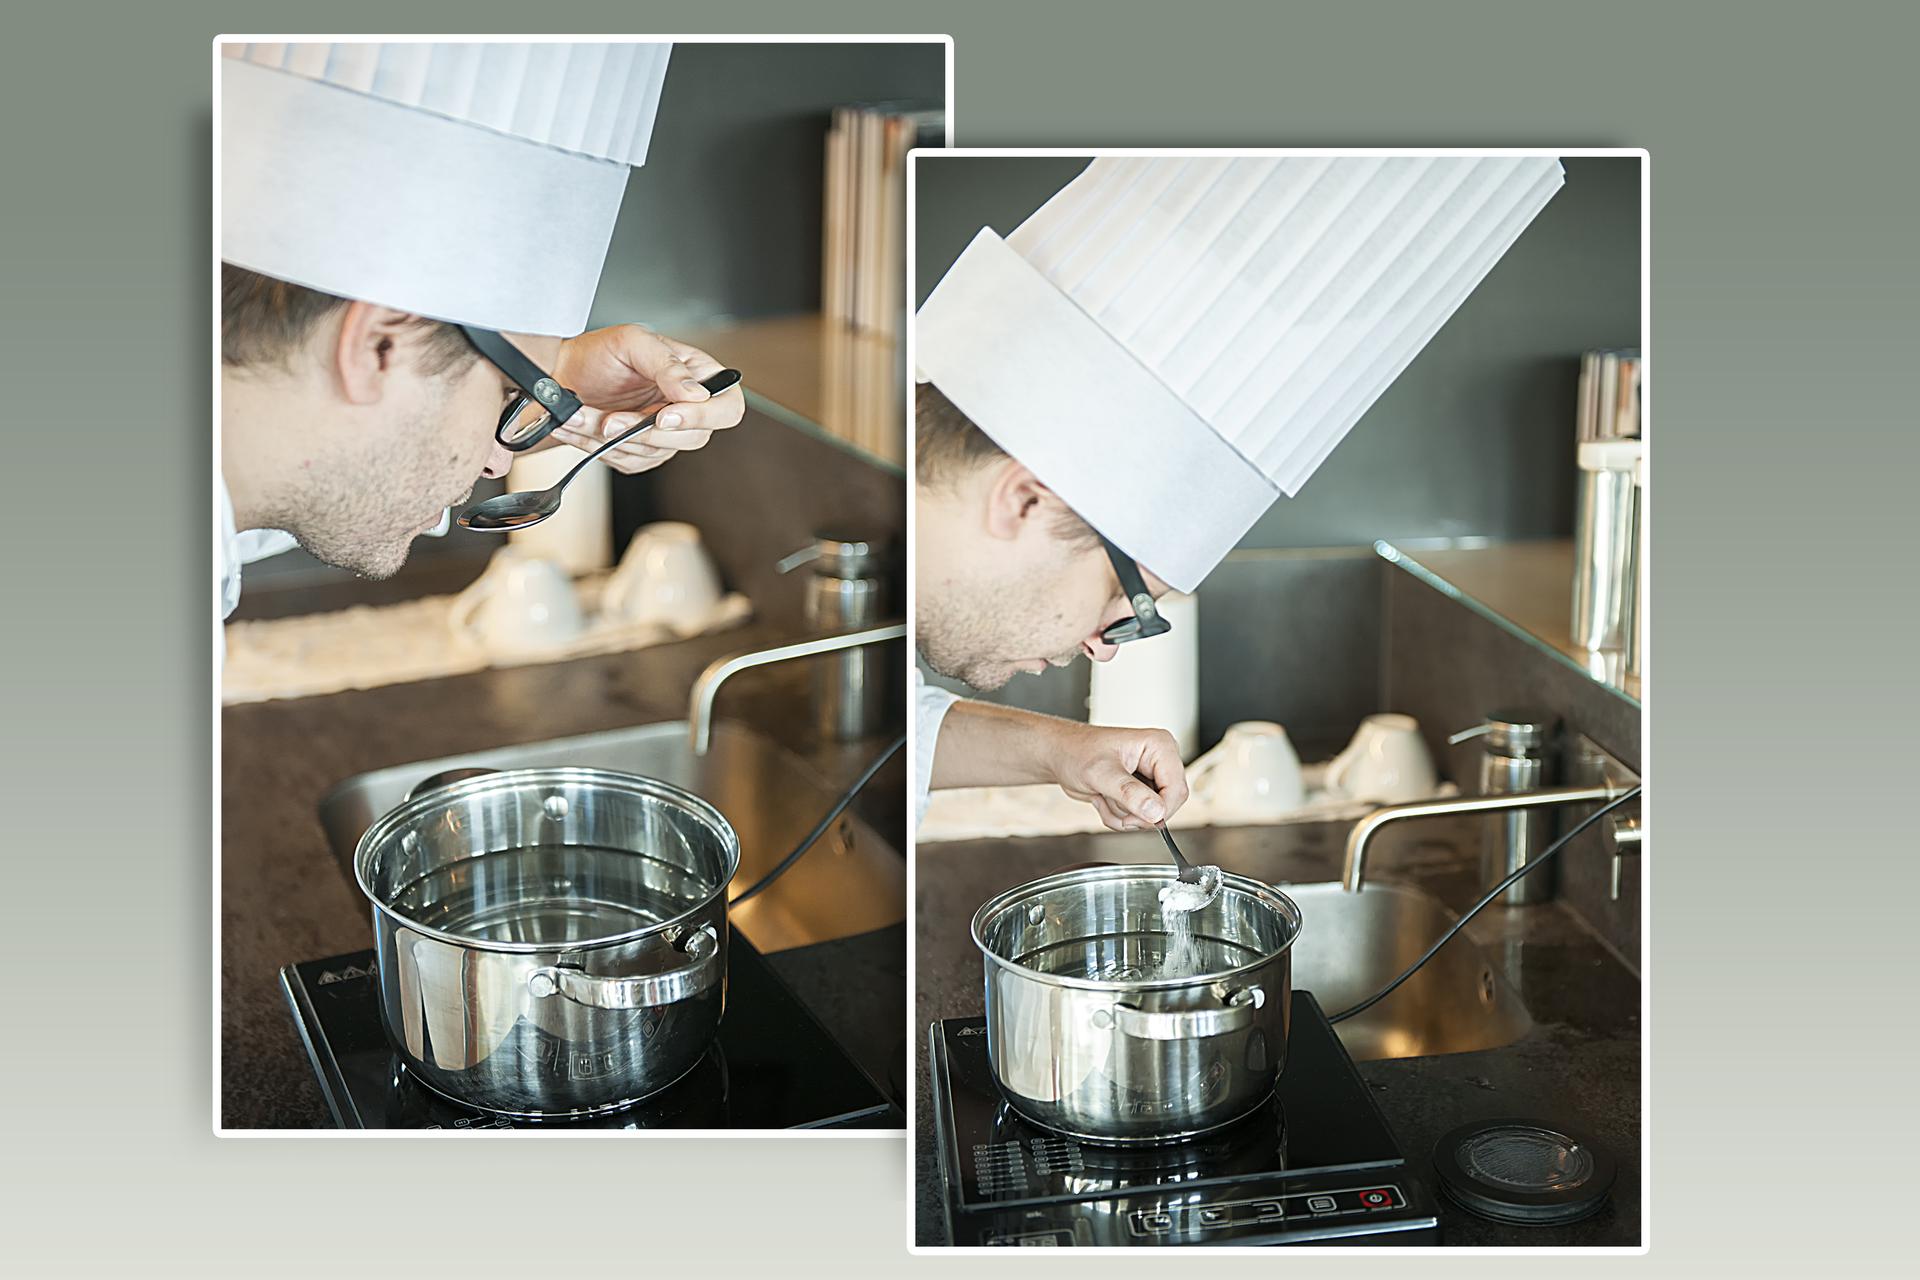 Ilustracja przedstawia dwa sąsiadujące, częściowo pokrywające się zdjęcia na szarozielonym tle. Fotografie przedstawiają mężczyznę wokularach wwysokiej białej czapce kucharskiej pochylonego nad garnkiem zwodą stojącym na płycie małej kuchenki ceramicznej. Na zdjęciu po lewej stronie kucharz próbuje niewielką porcję wody na łyżce. Na zdjęciu po prawej dodaje do garnka złyżki niewielką ilość soli.